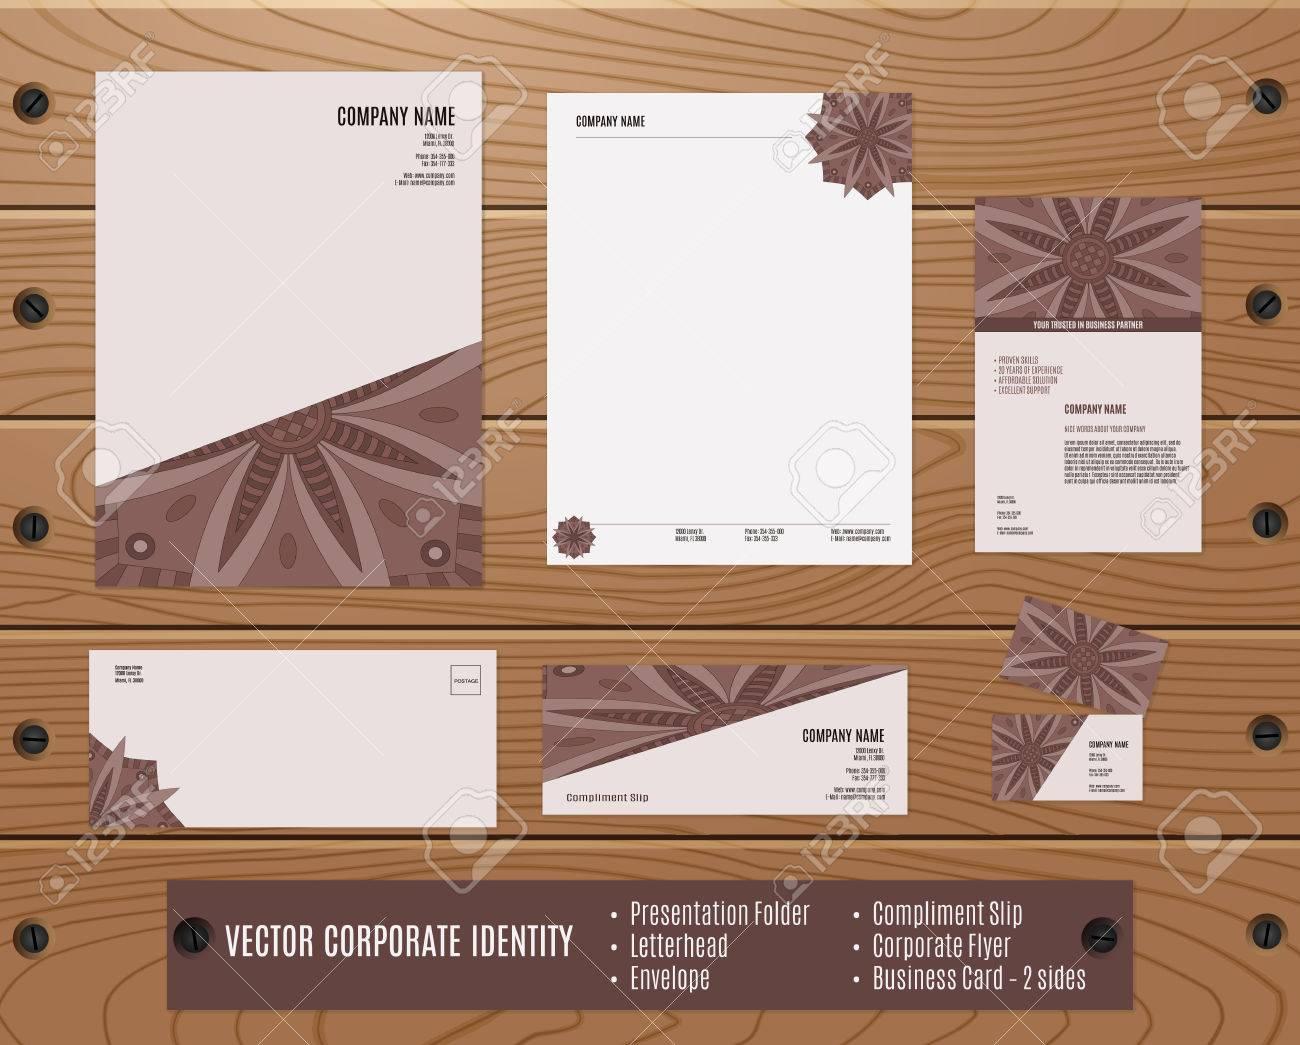 Sammlung Von Corporate Identity: Präsentationsmappe, Briefpapier ...